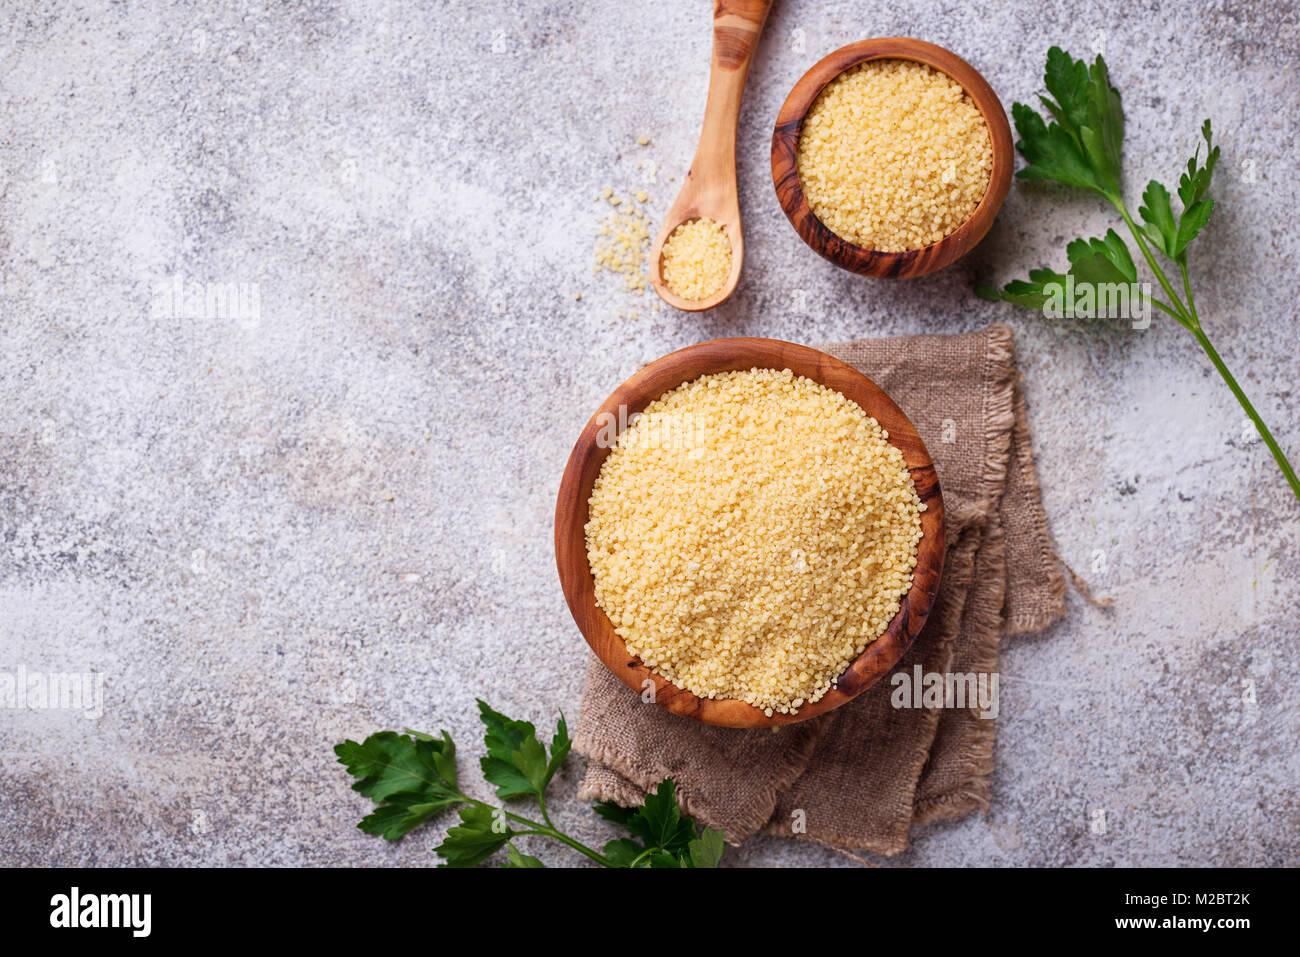 Cuscús grano en tazón de madera Imagen De Stock